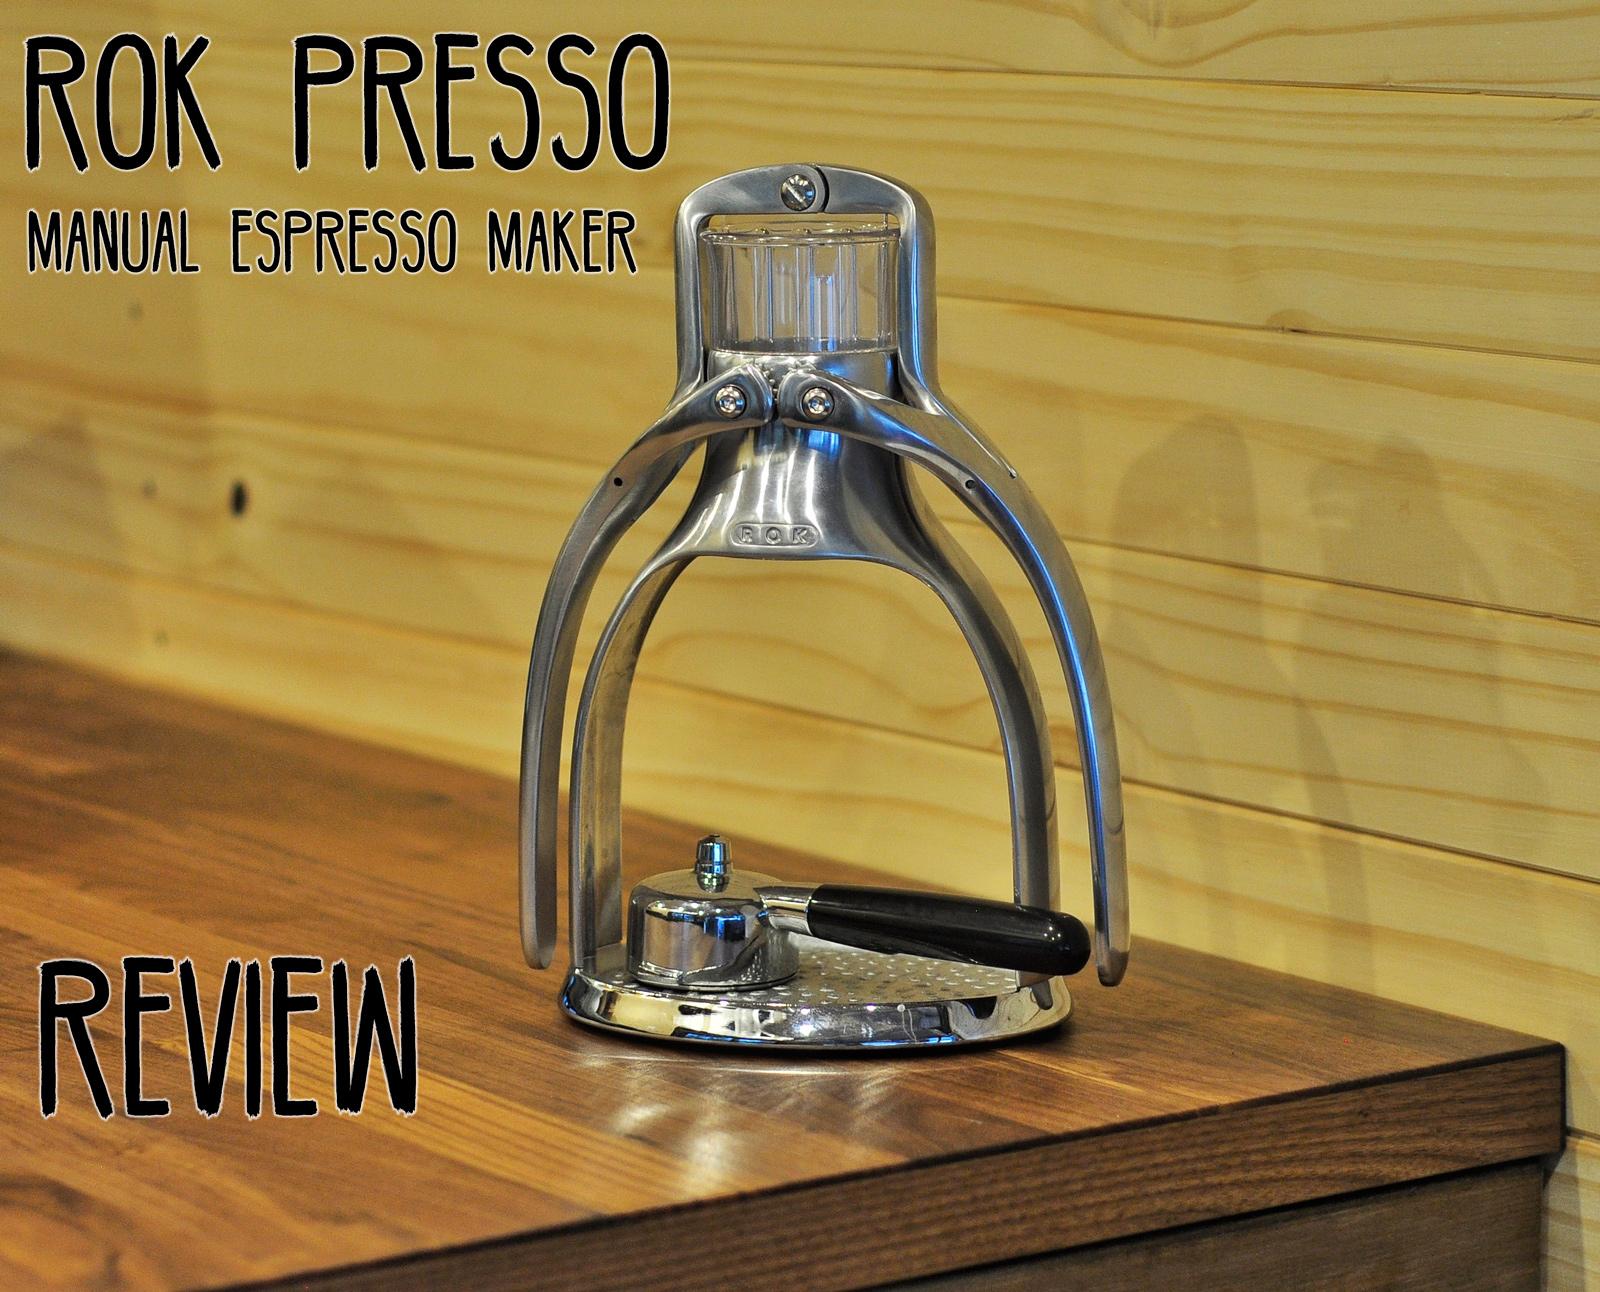 ROK-Presso-Manual-Espresso-Maker-Review-(Heading)